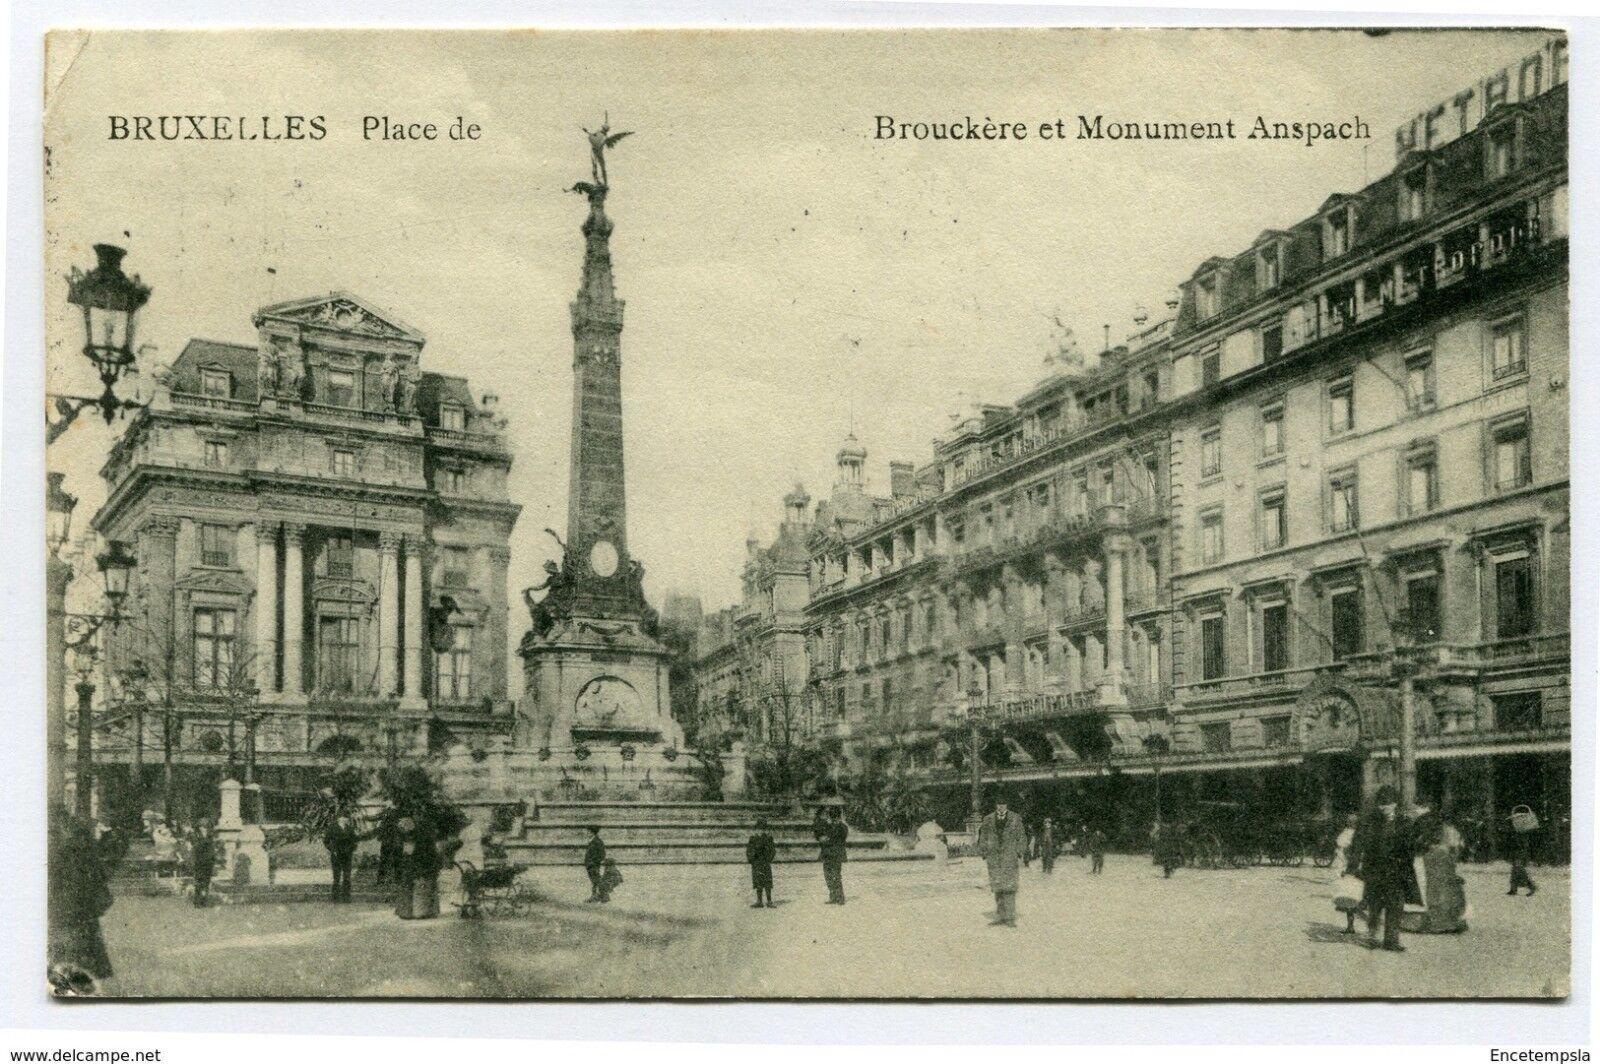 CPA-Carte postale-Belgique-Bruxelles -   Place de Brouckère et monument Anspach